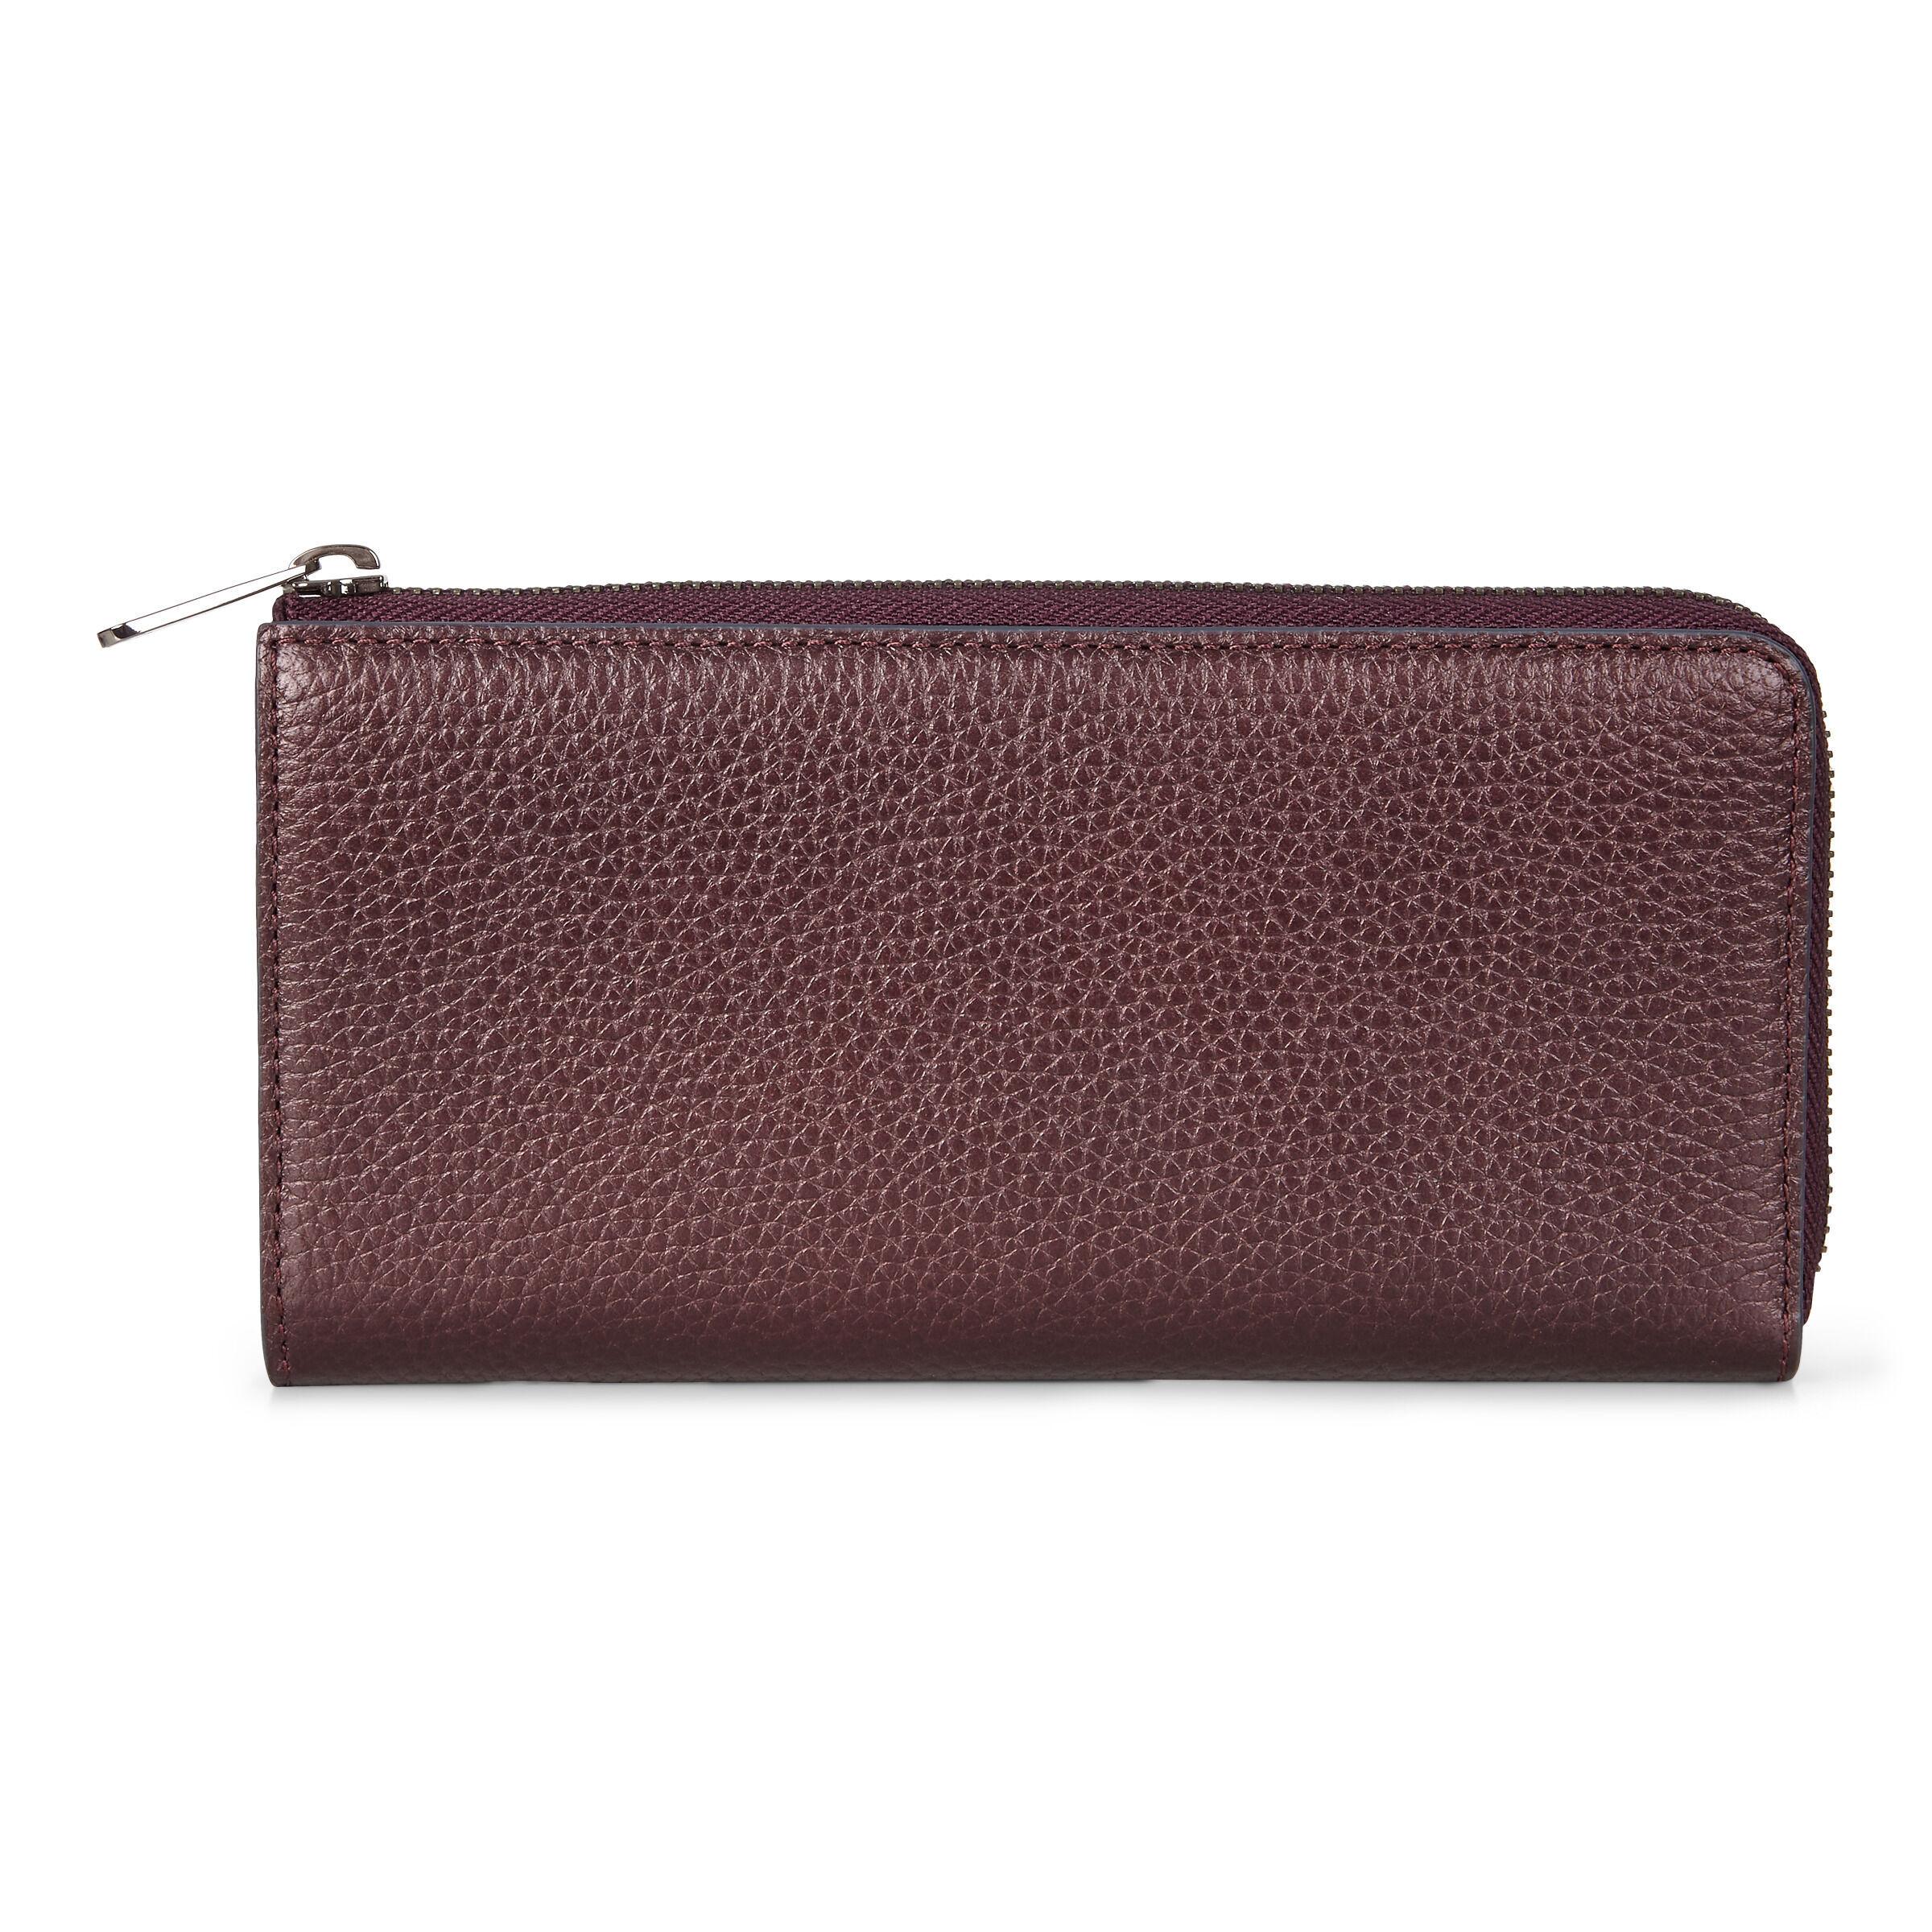 ECCO Sp 3 Zip Around Wallet: One Size - Fig Metallic